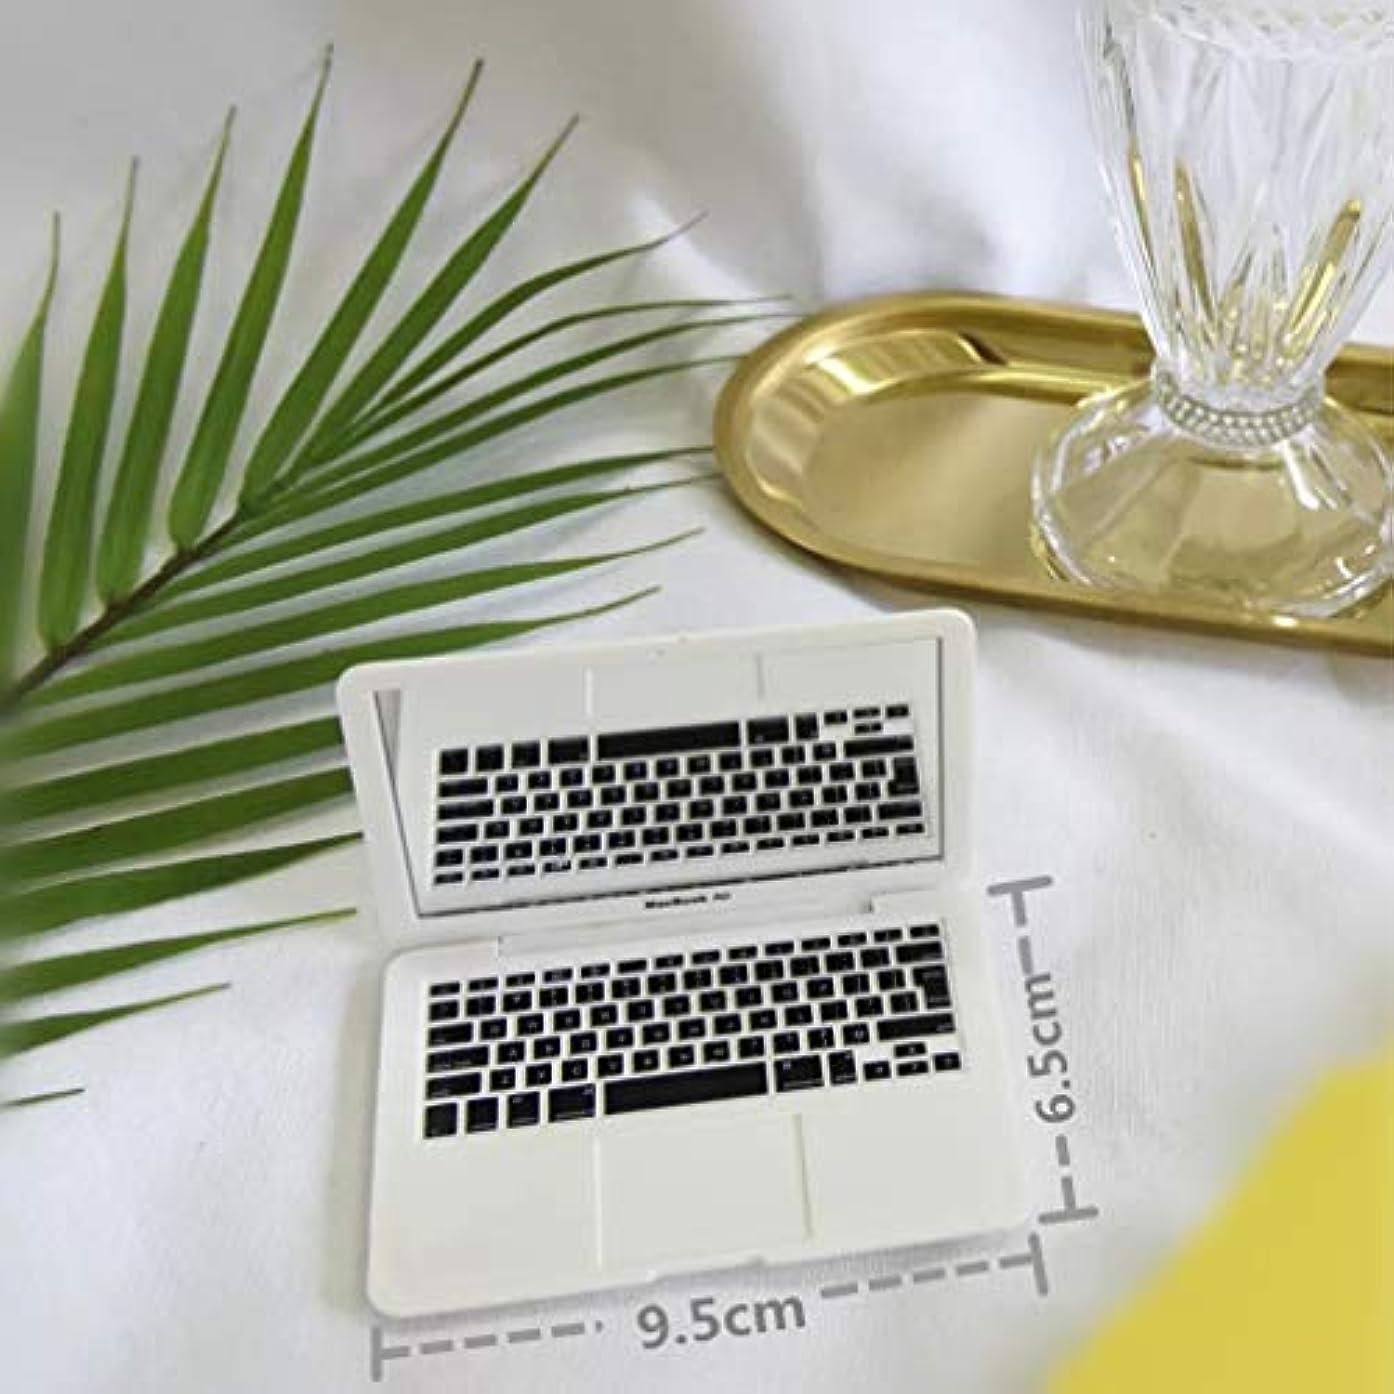 迷惑成分成果ジャション ミニポータブル アップル マックブック エアー メイクアップ 化粧鏡 手鏡 創造的なポケット ハンドバッグ 折りたたみコンパクト ミラー 女性用 (White)